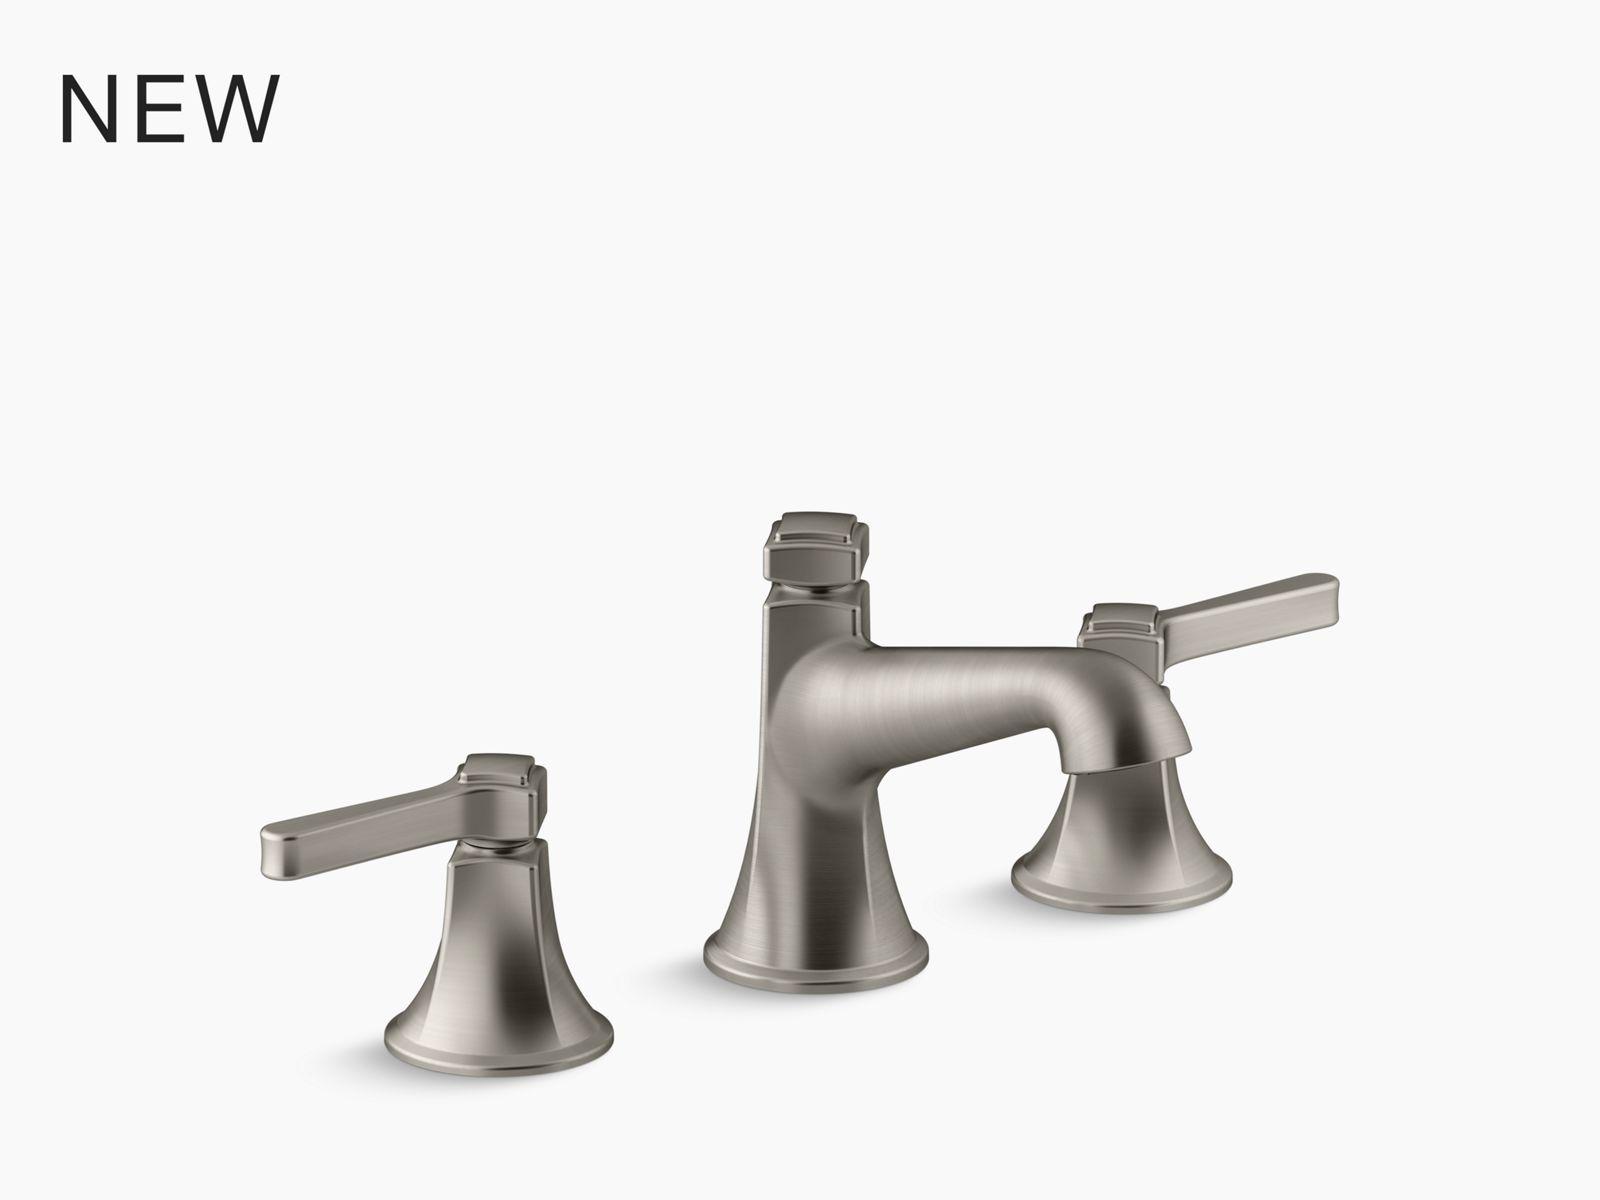 undertone 30 3 4 x 20 1 8 x 9 5 8 undermount high low double kitchen sink